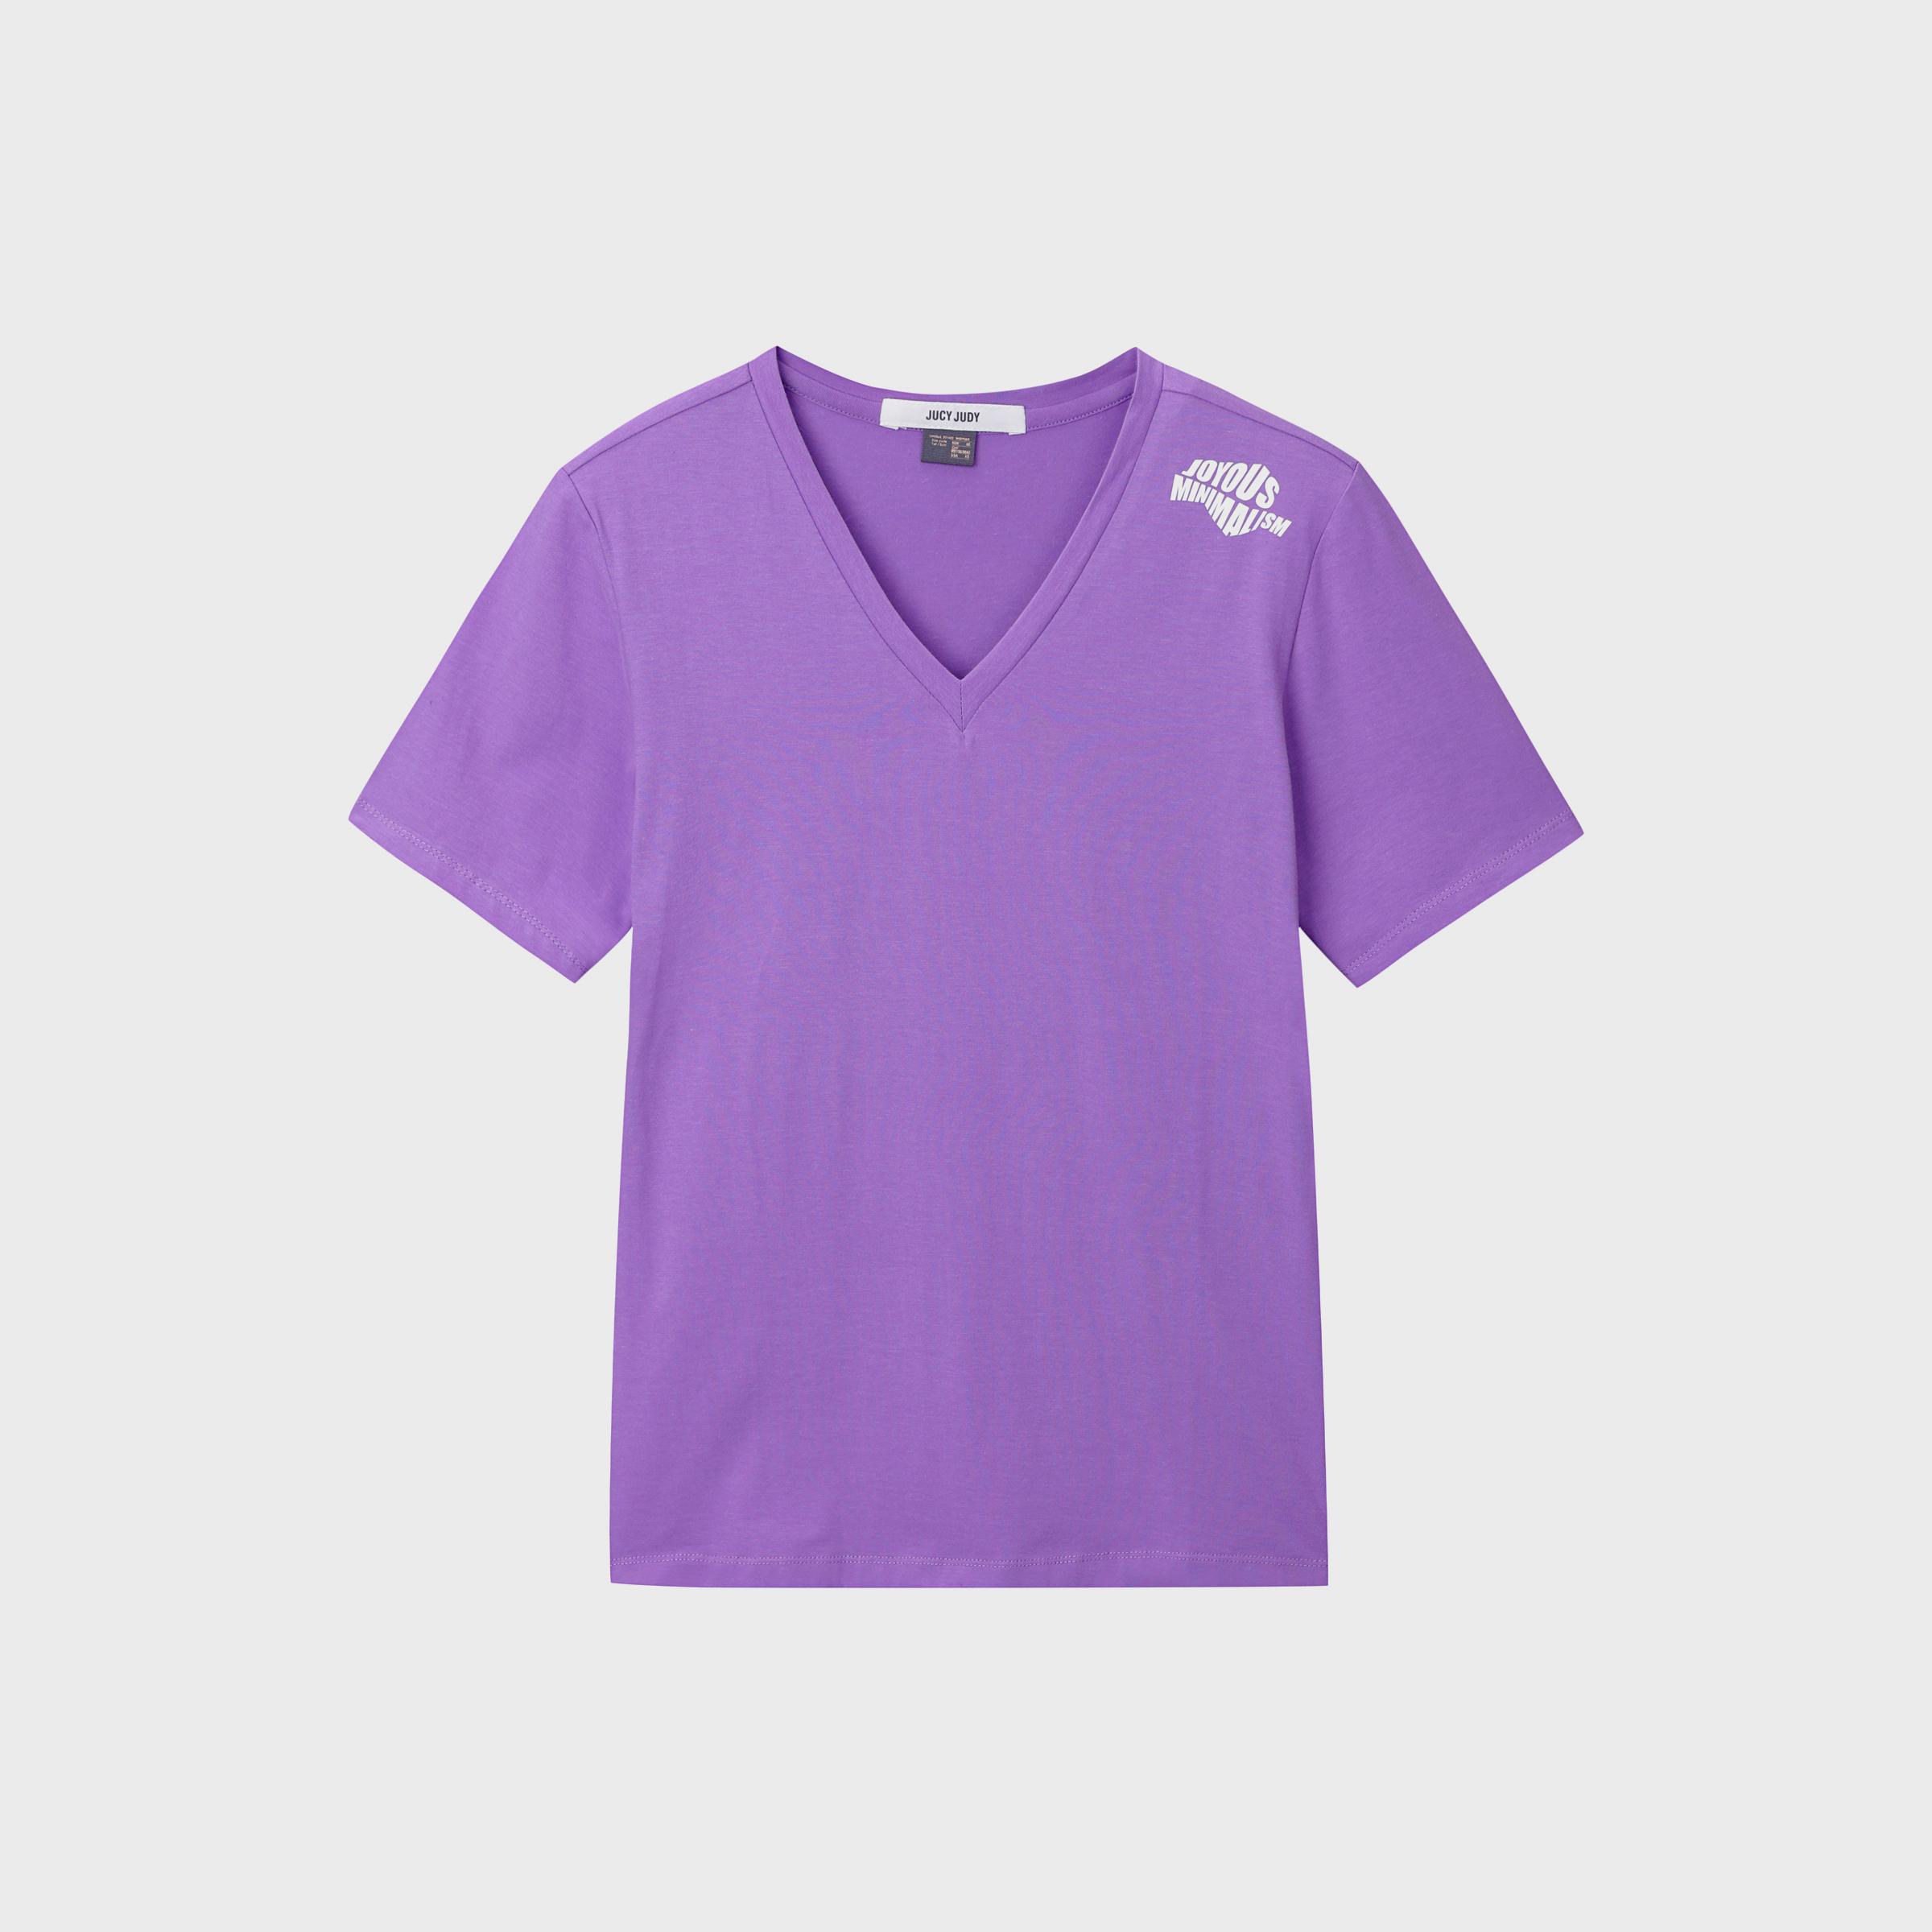 쥬시쥬디 여성용 제이 베이직 뒷프린팅 브이넥 티셔츠 JVTS326E-4-5526075797